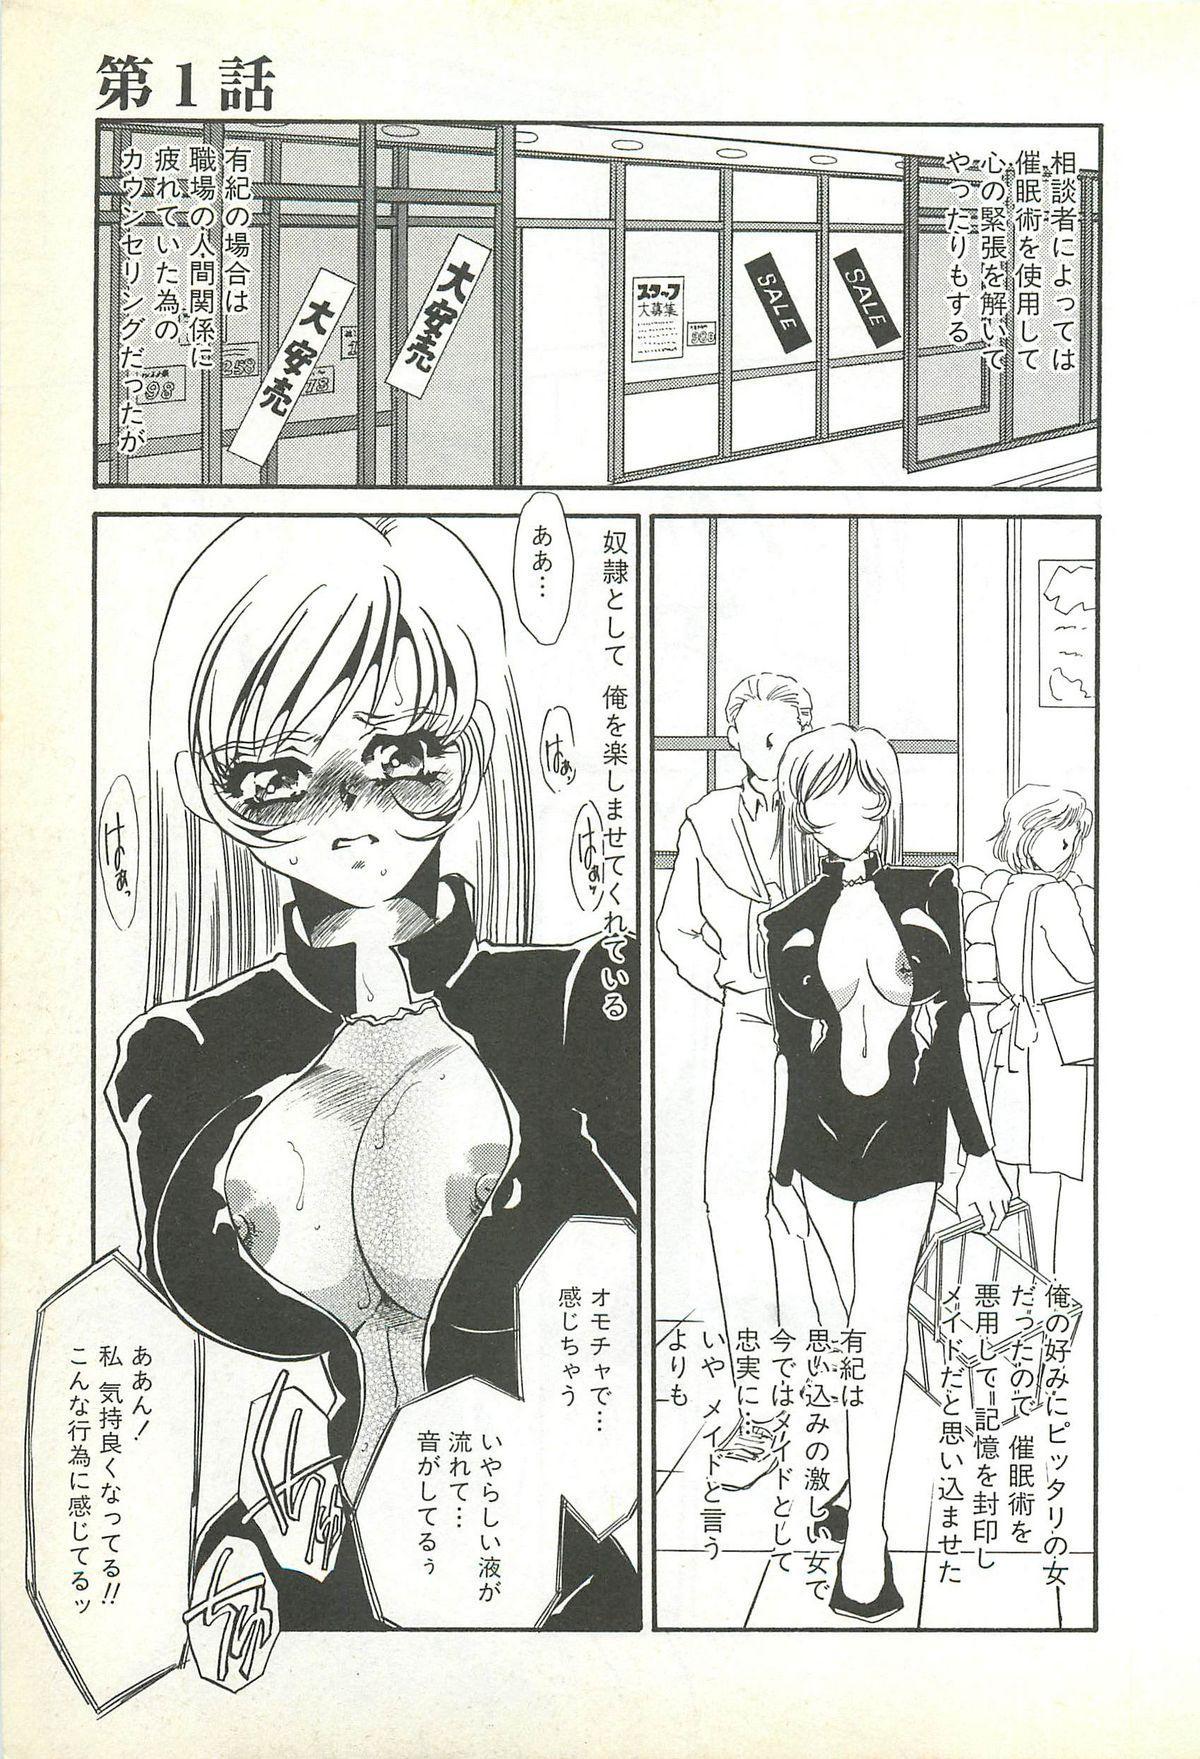 Chigyaku no Heya - A Shameful Punishment Room 13